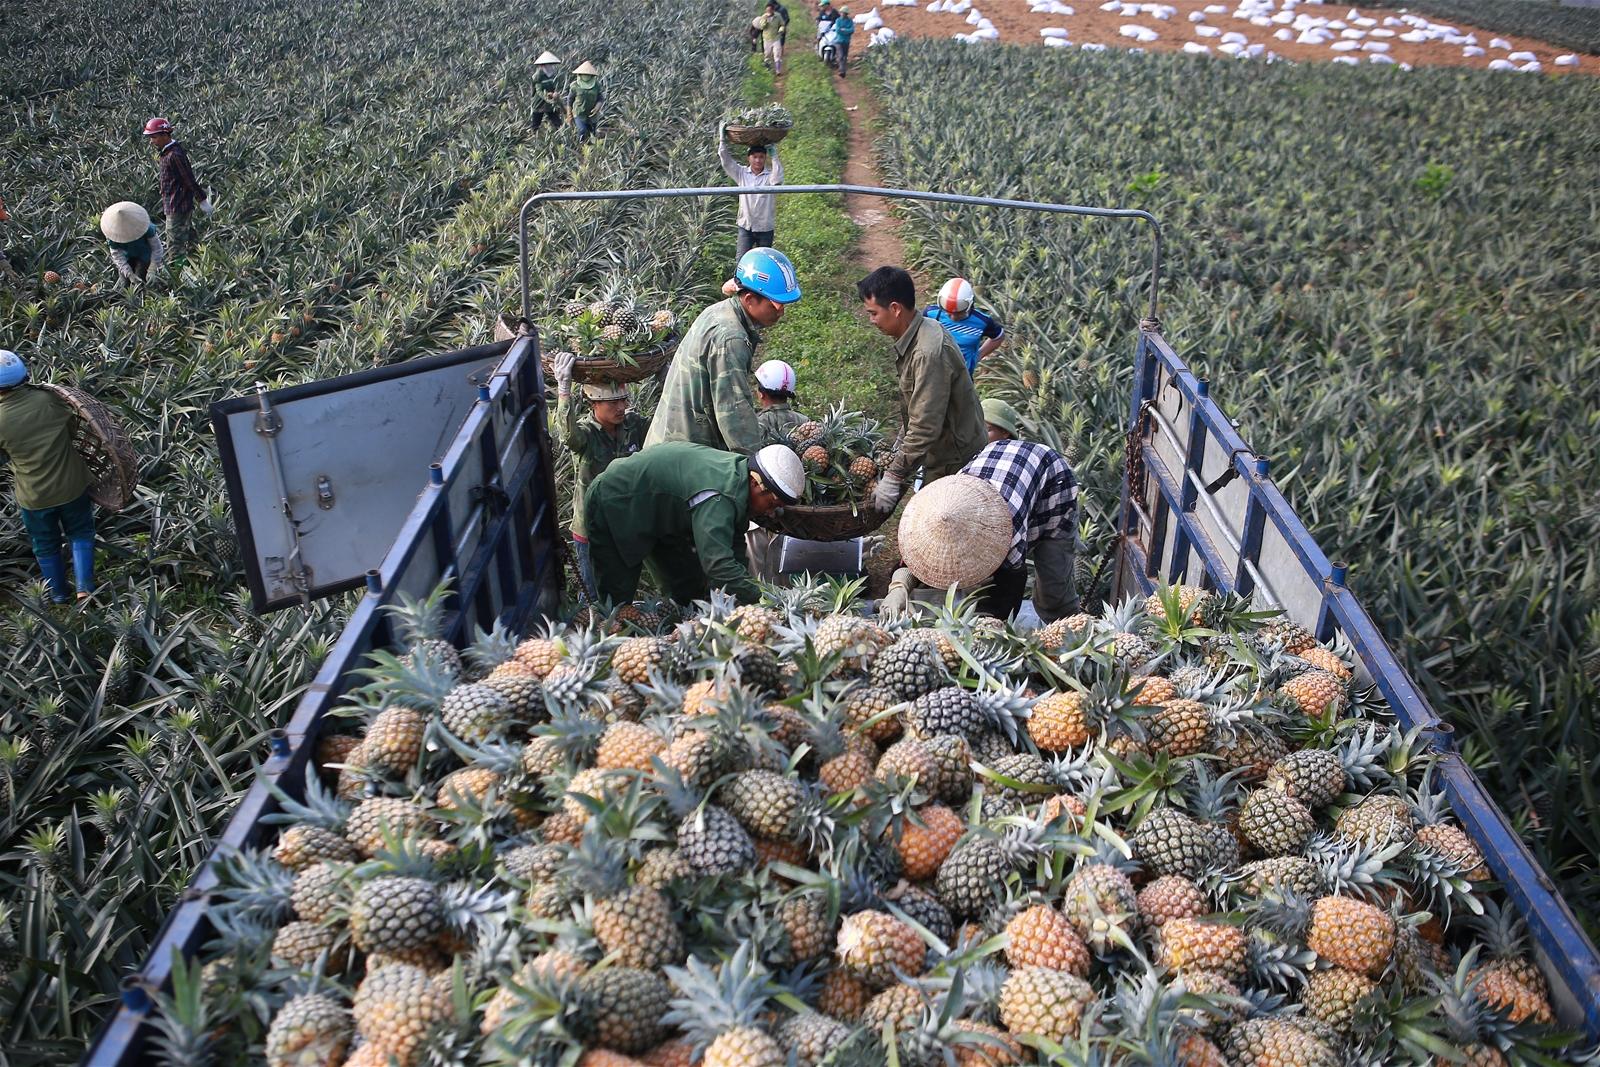 Mục sở thị vựa thu hoạch dứa nổi tiếng nhất xứ Thanh